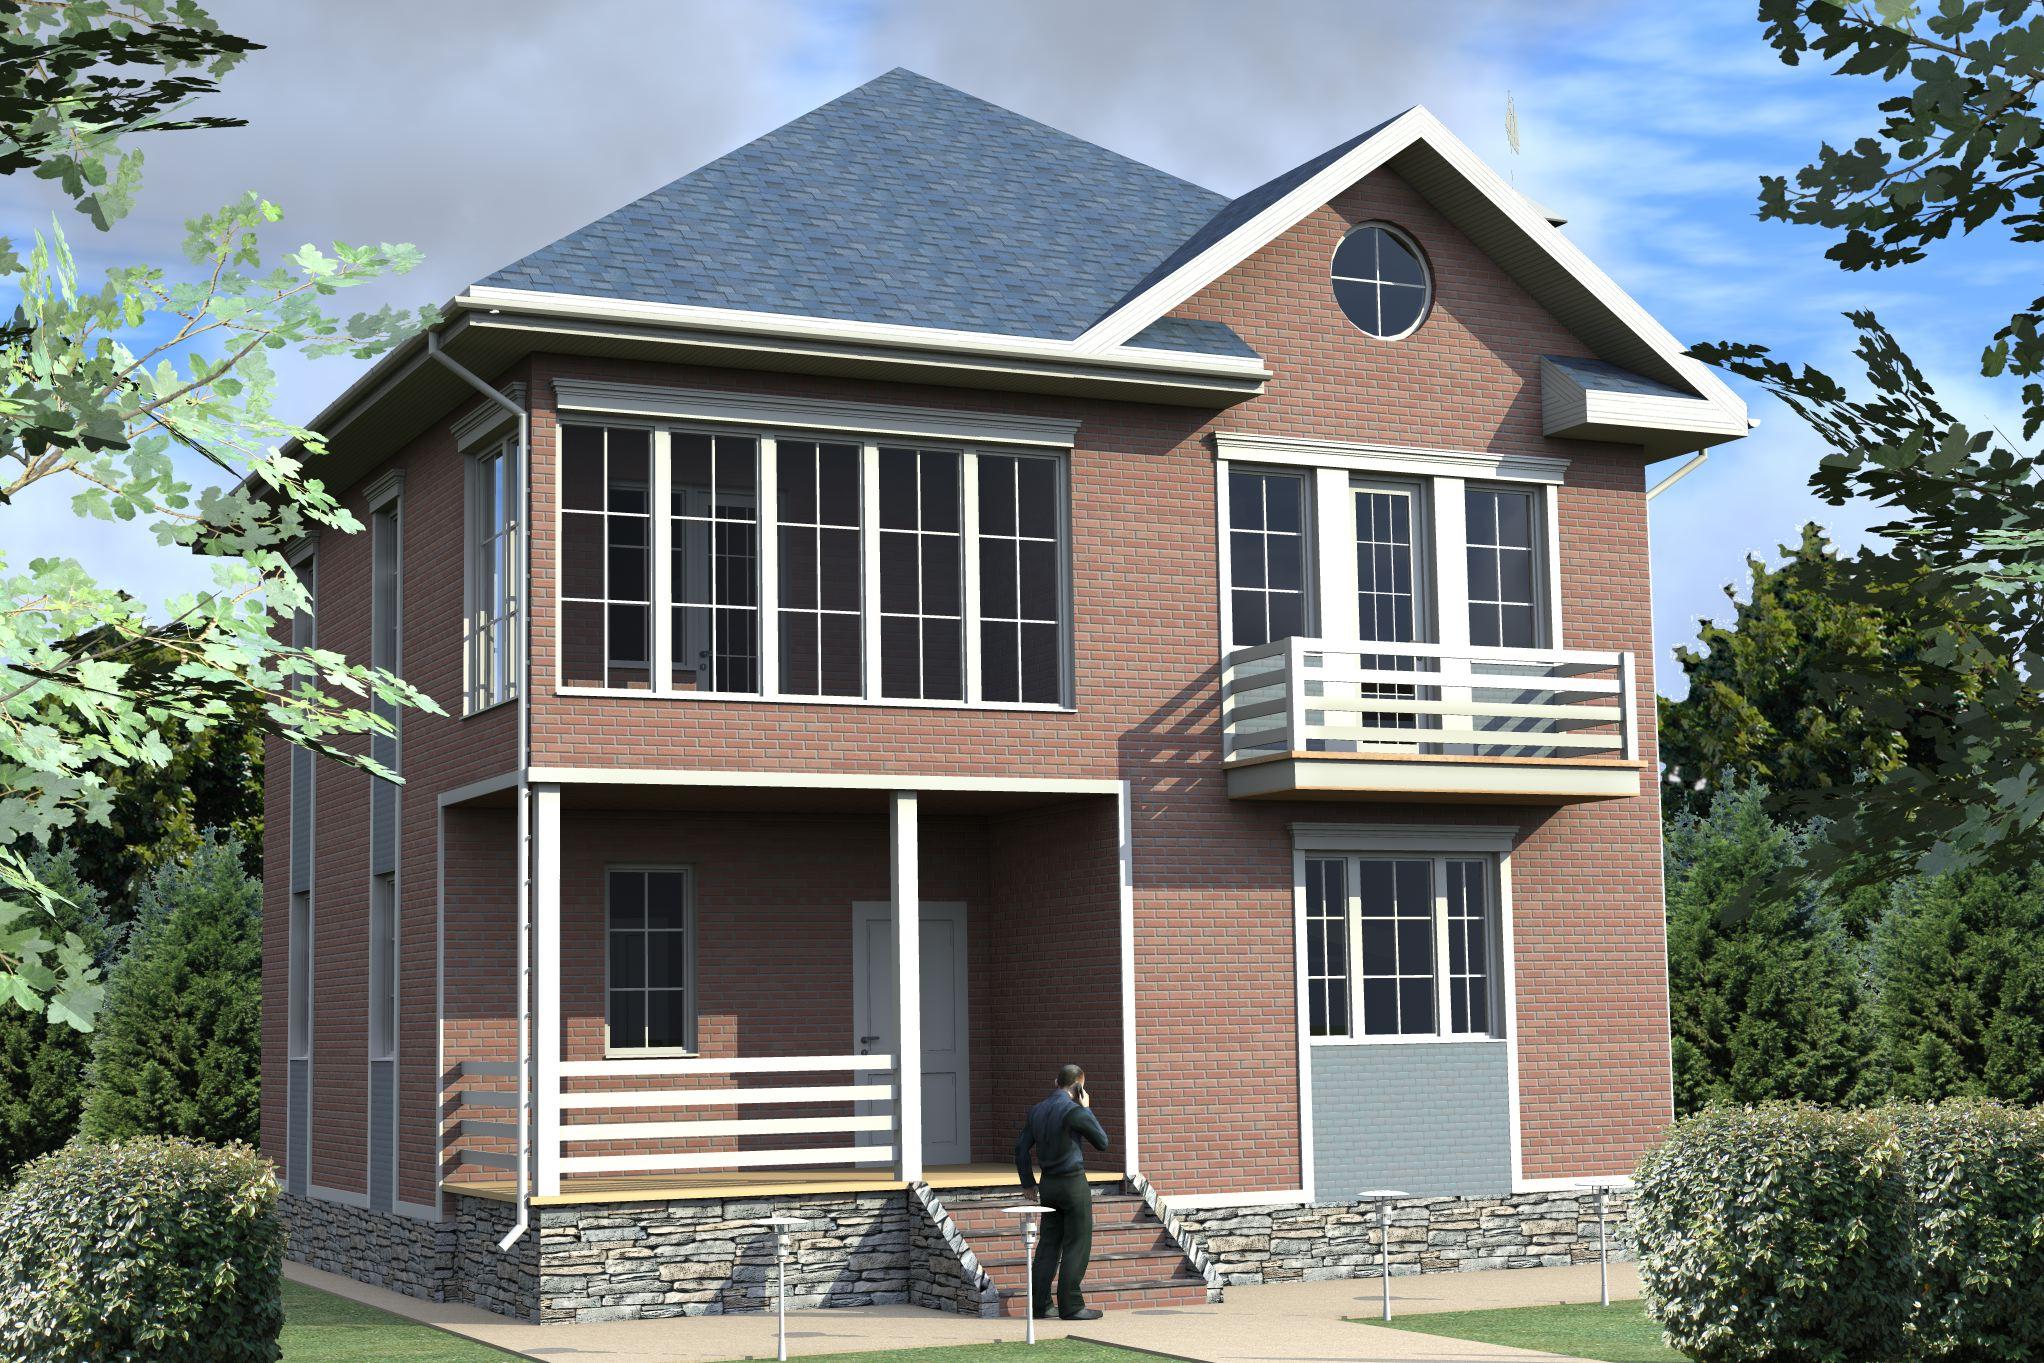 картинки двухэтажного дома из блоков